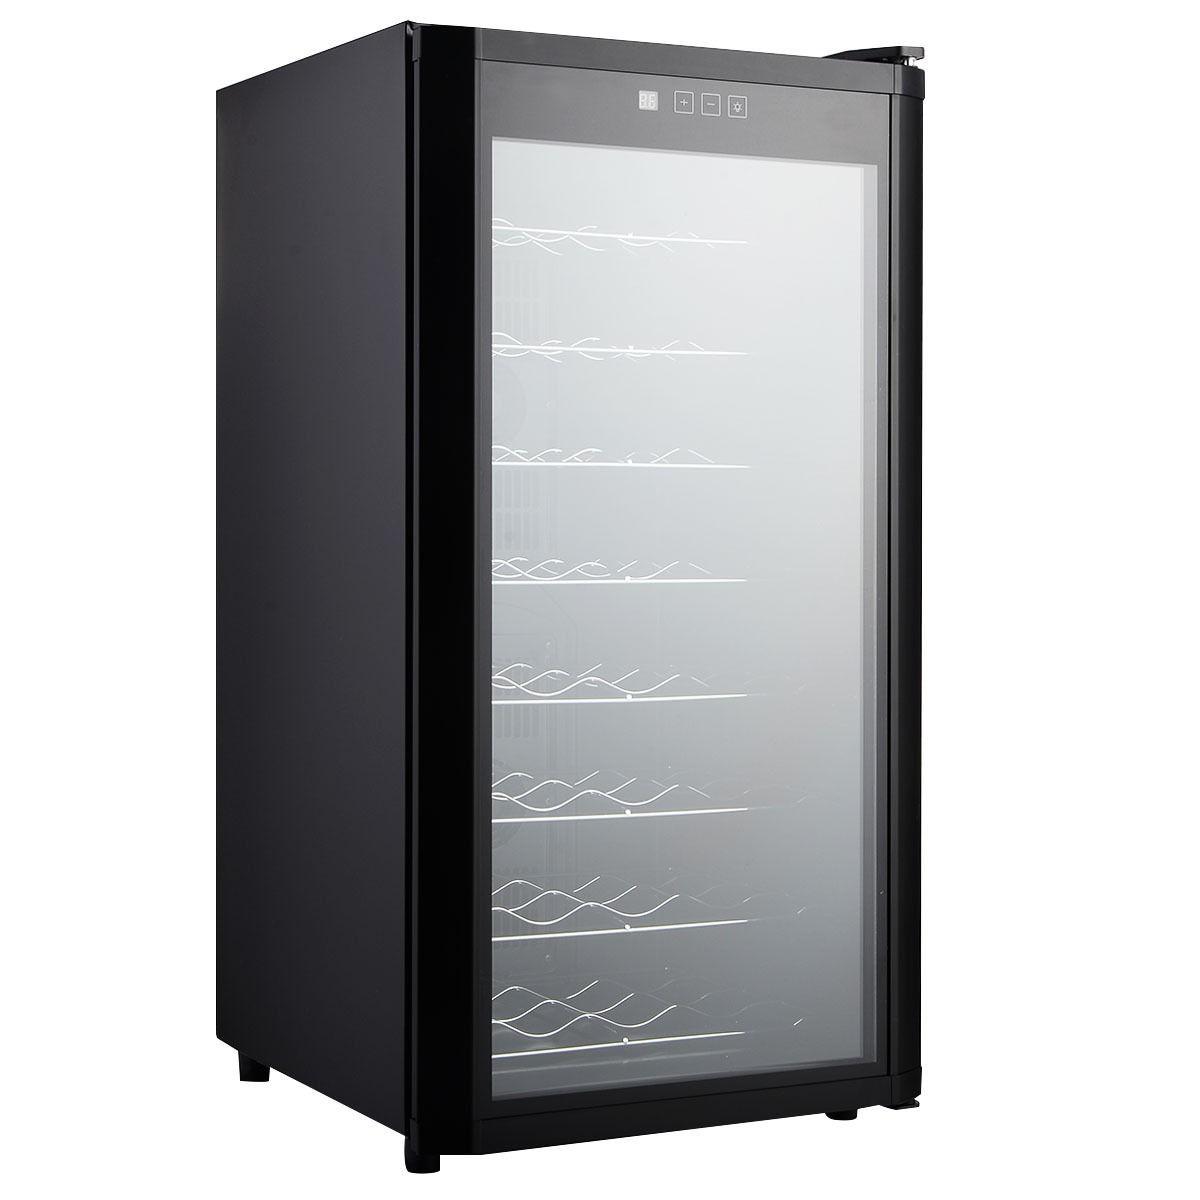 32 bottles cooler wine fridge cellar storage holder chiller bar rack cabinet ebay. Black Bedroom Furniture Sets. Home Design Ideas